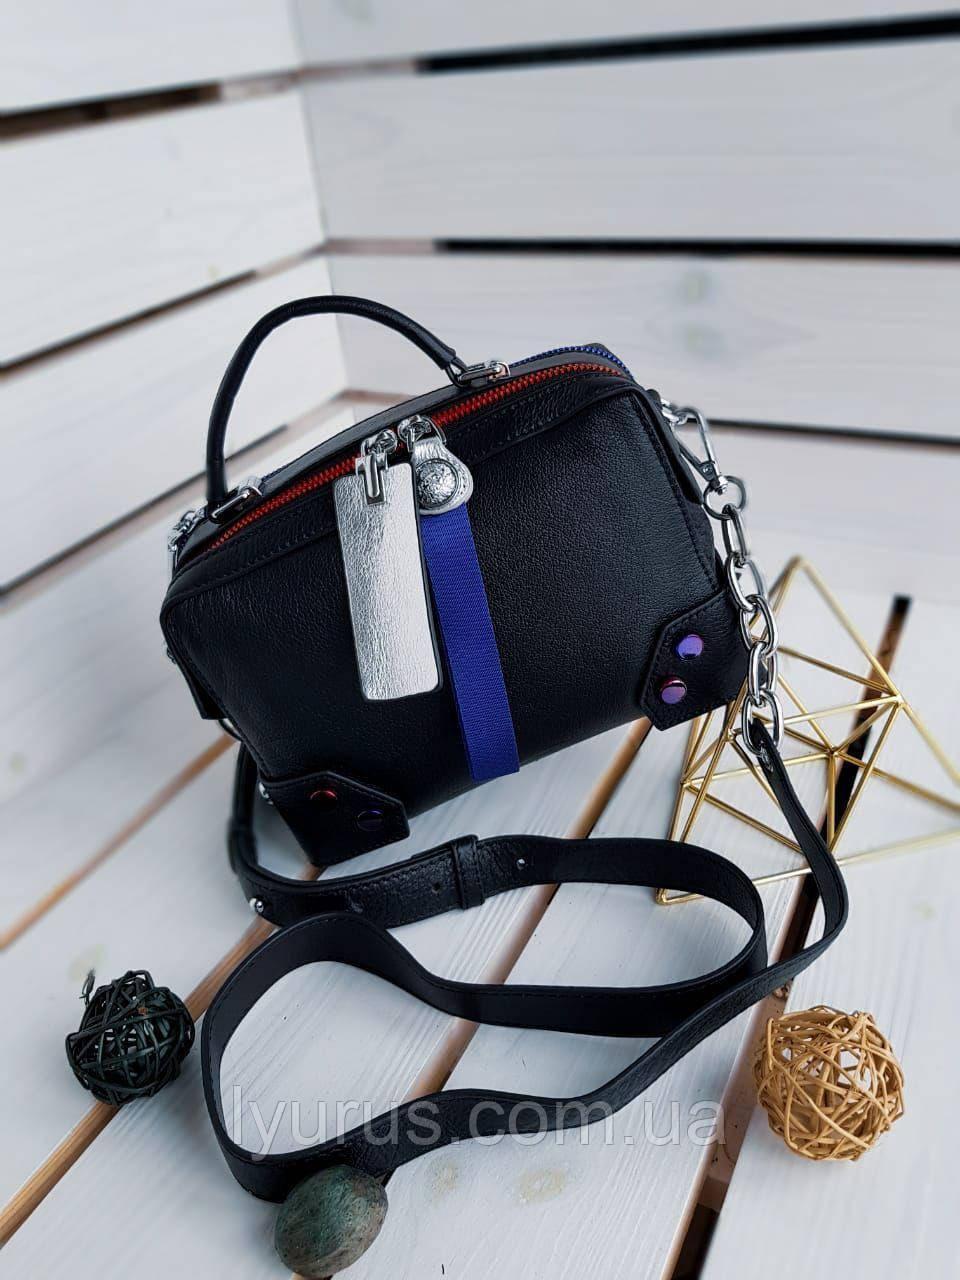 Кожаная женская сумка размером 22х16 см Черная (01081)